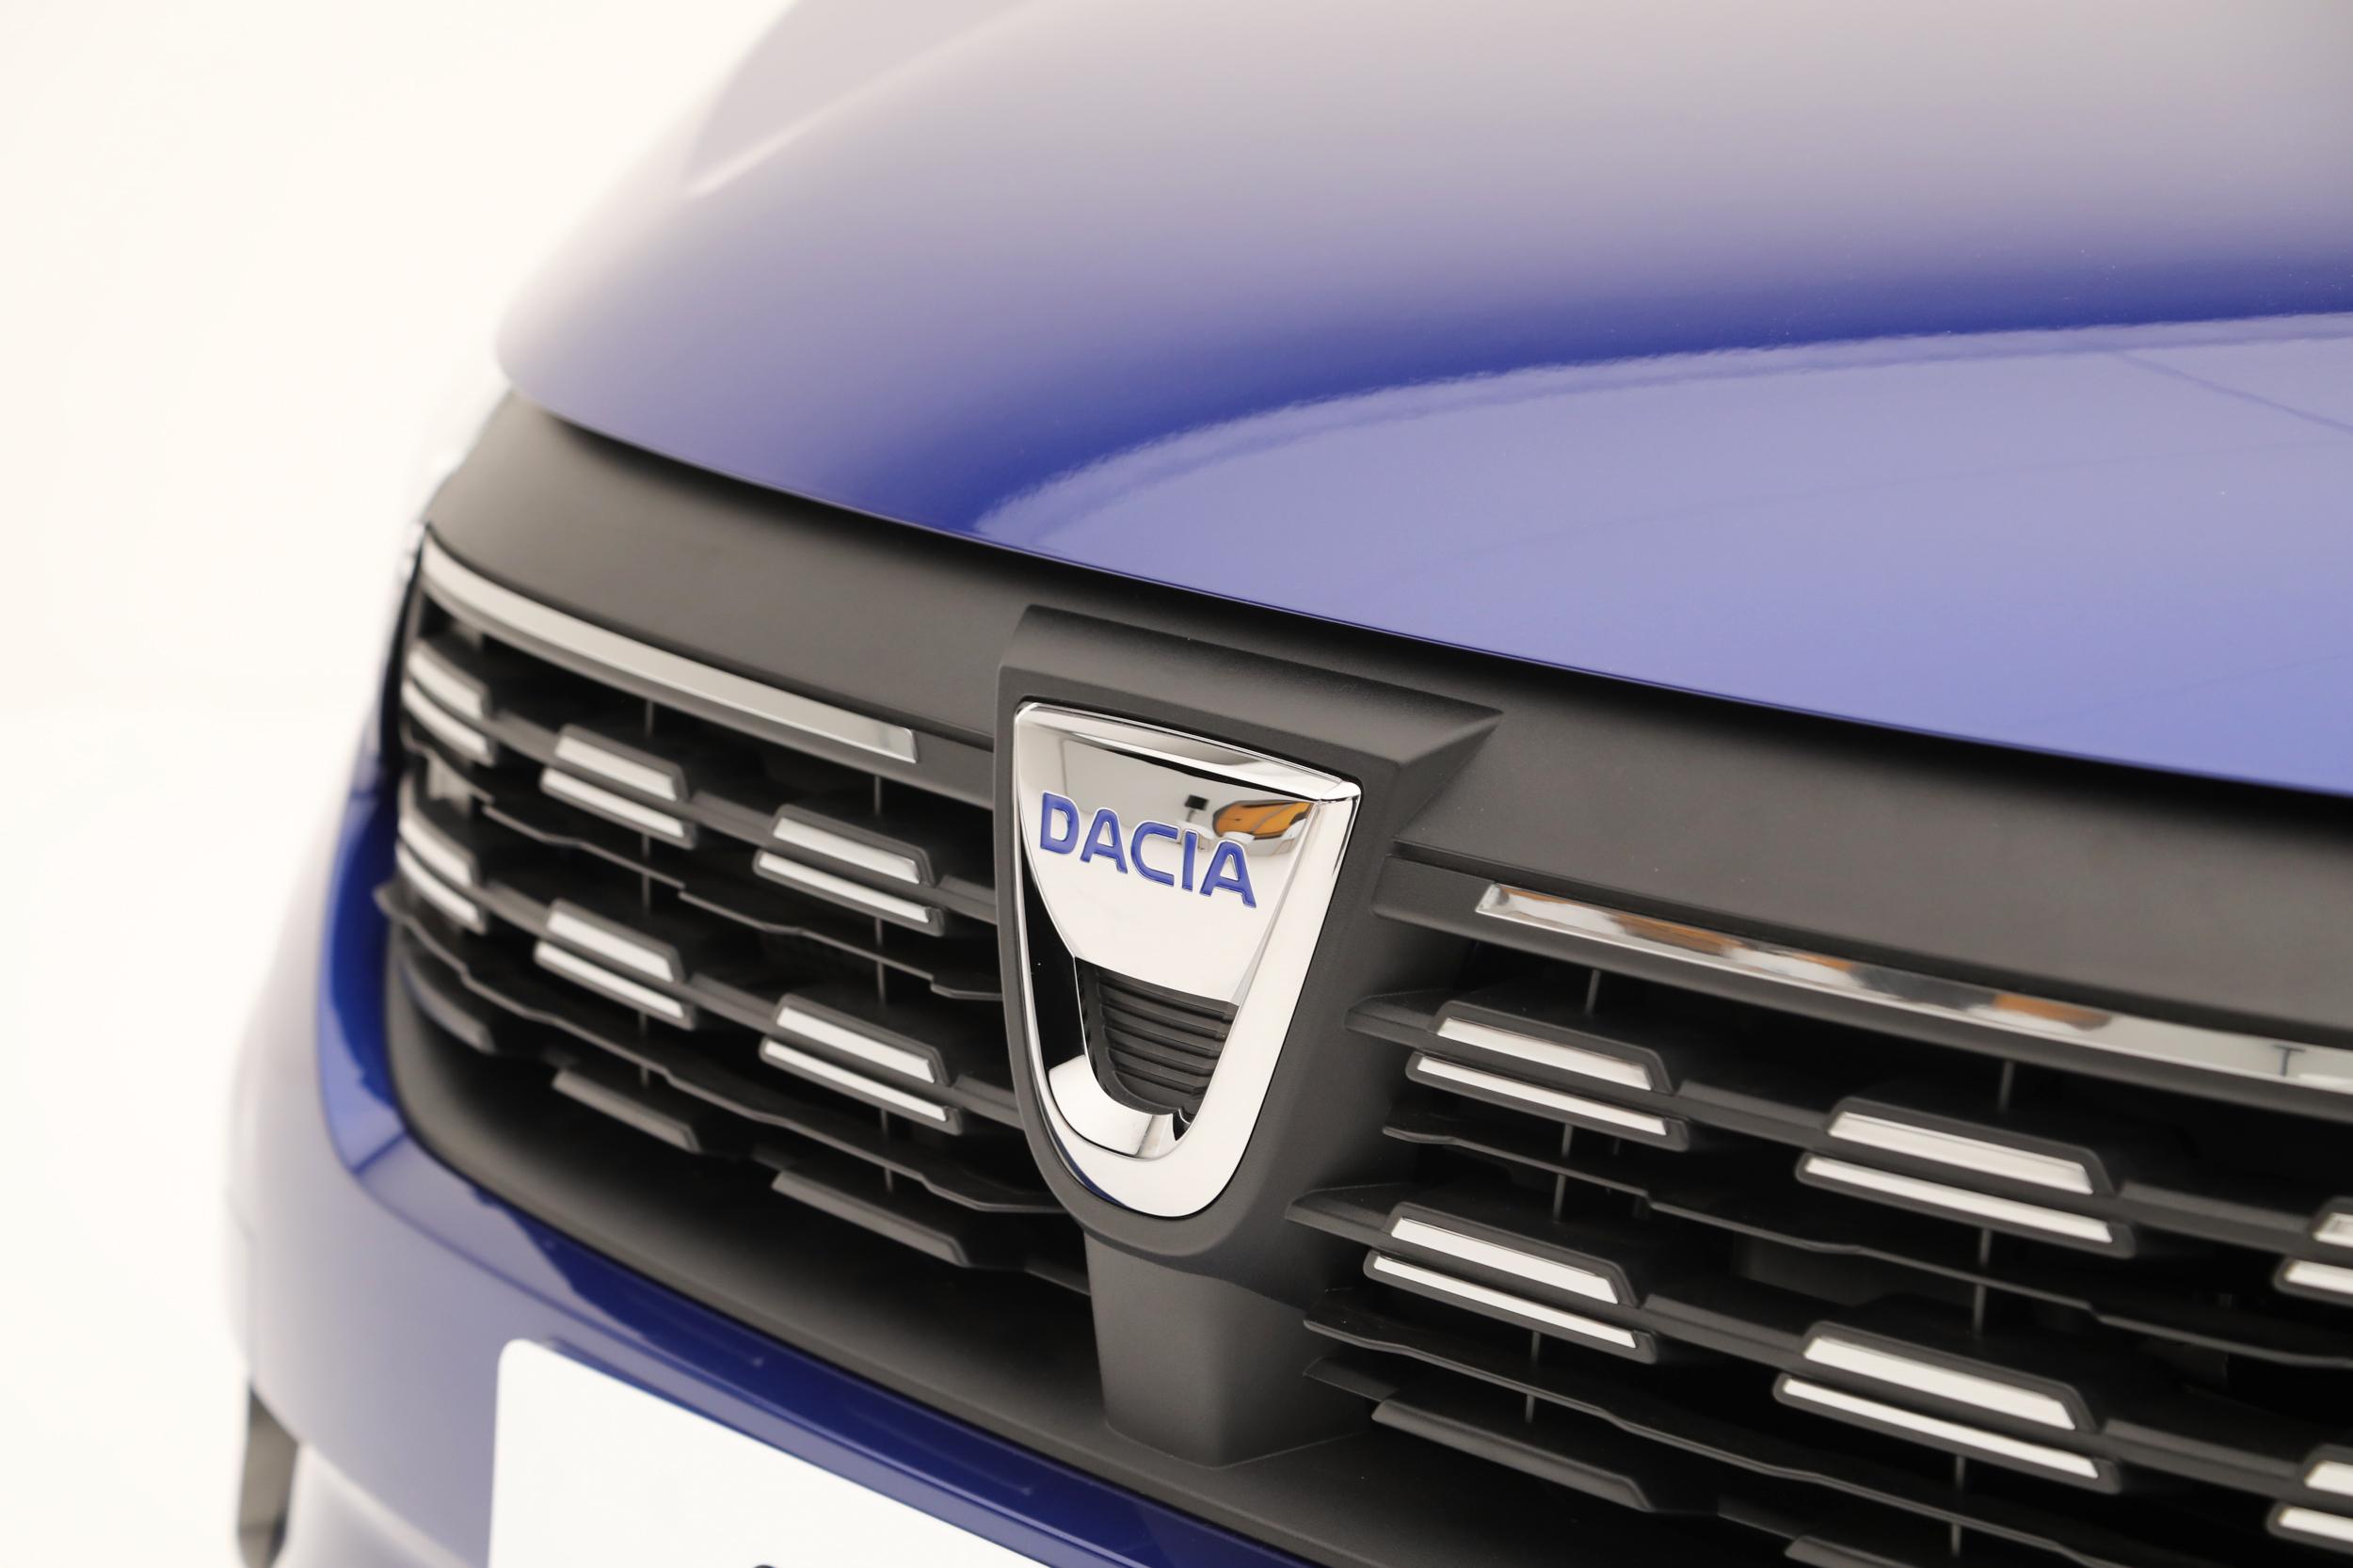 Dacia Sandero 3 - date de sortie, prix, informations, nouveautés et essais